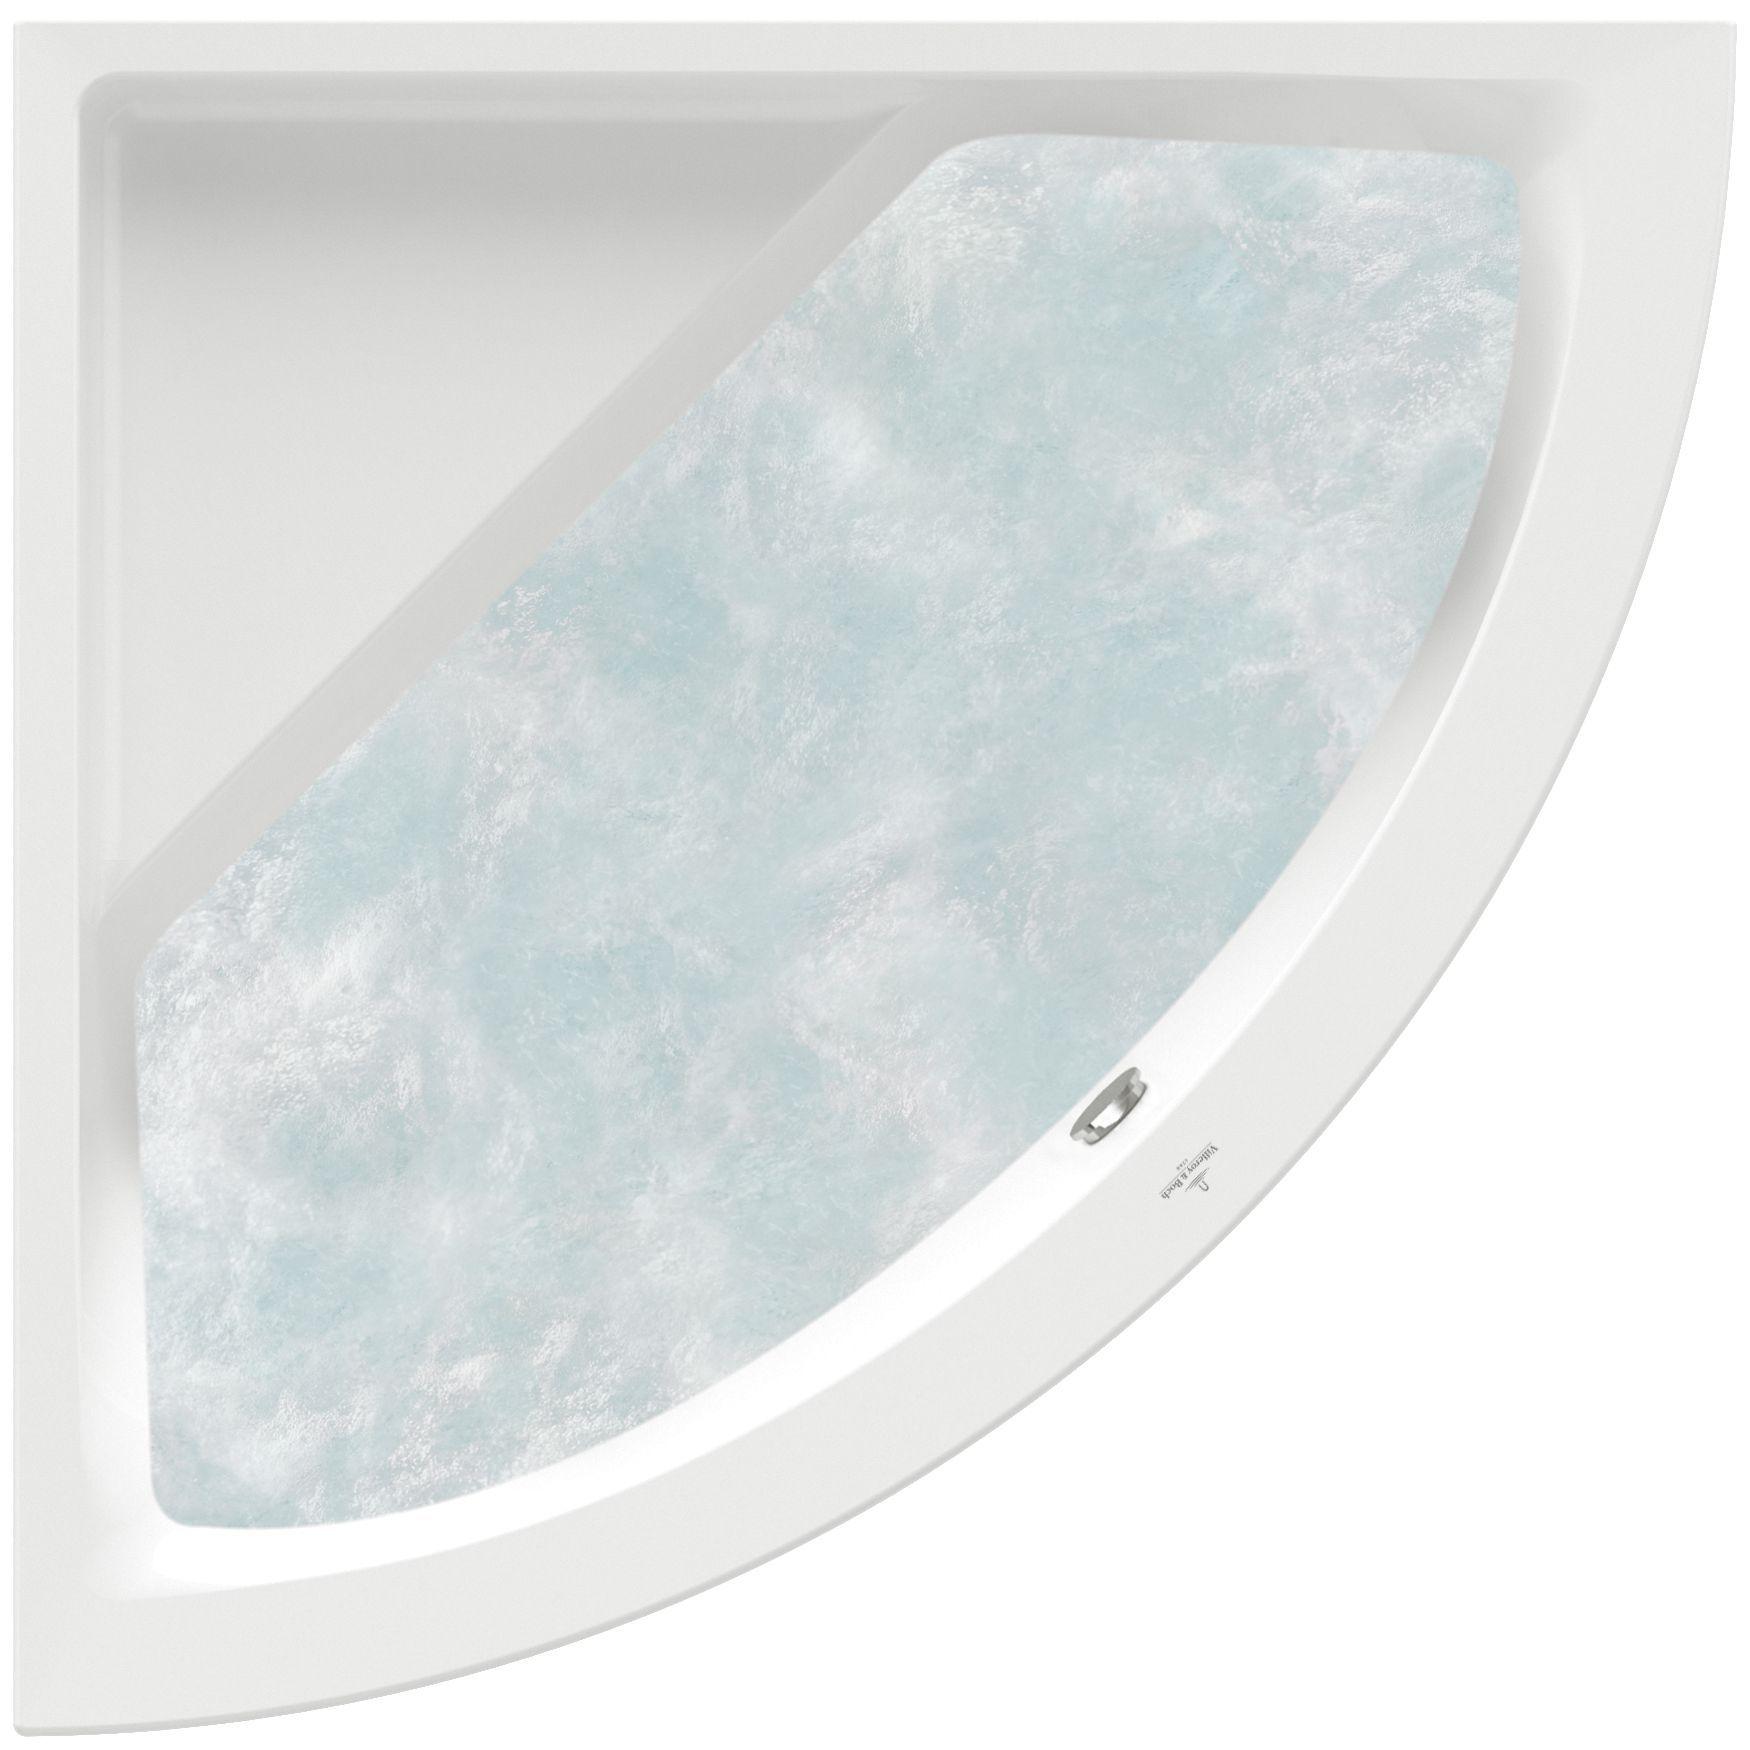 Villeroy & Boch Subway Eck-Badewanne Technik Position 1 L:130xB:130xcm starwhite UAE130SUB3A1V96